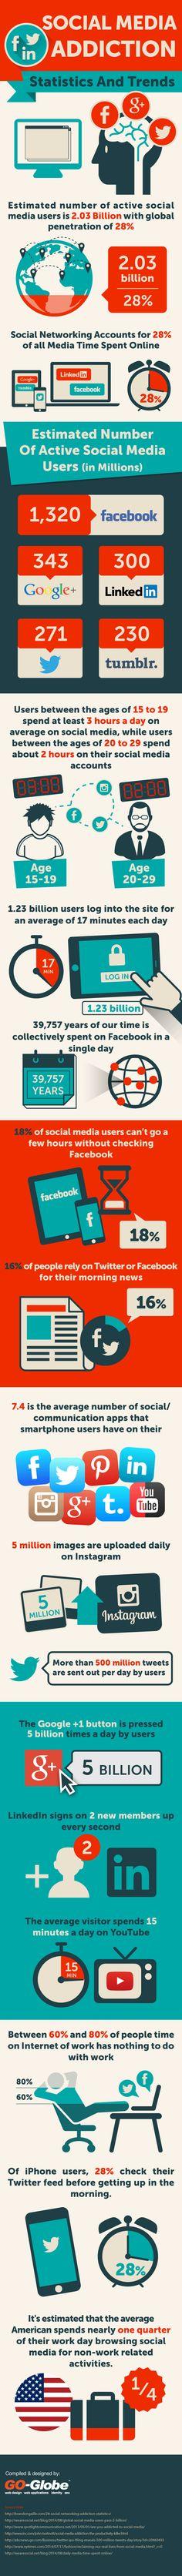 Hola: Una infografía sobre la Adicción a Redes Sociales: estadísticas y tendencias. Un saludo Infographic by- GO Globe Singapore